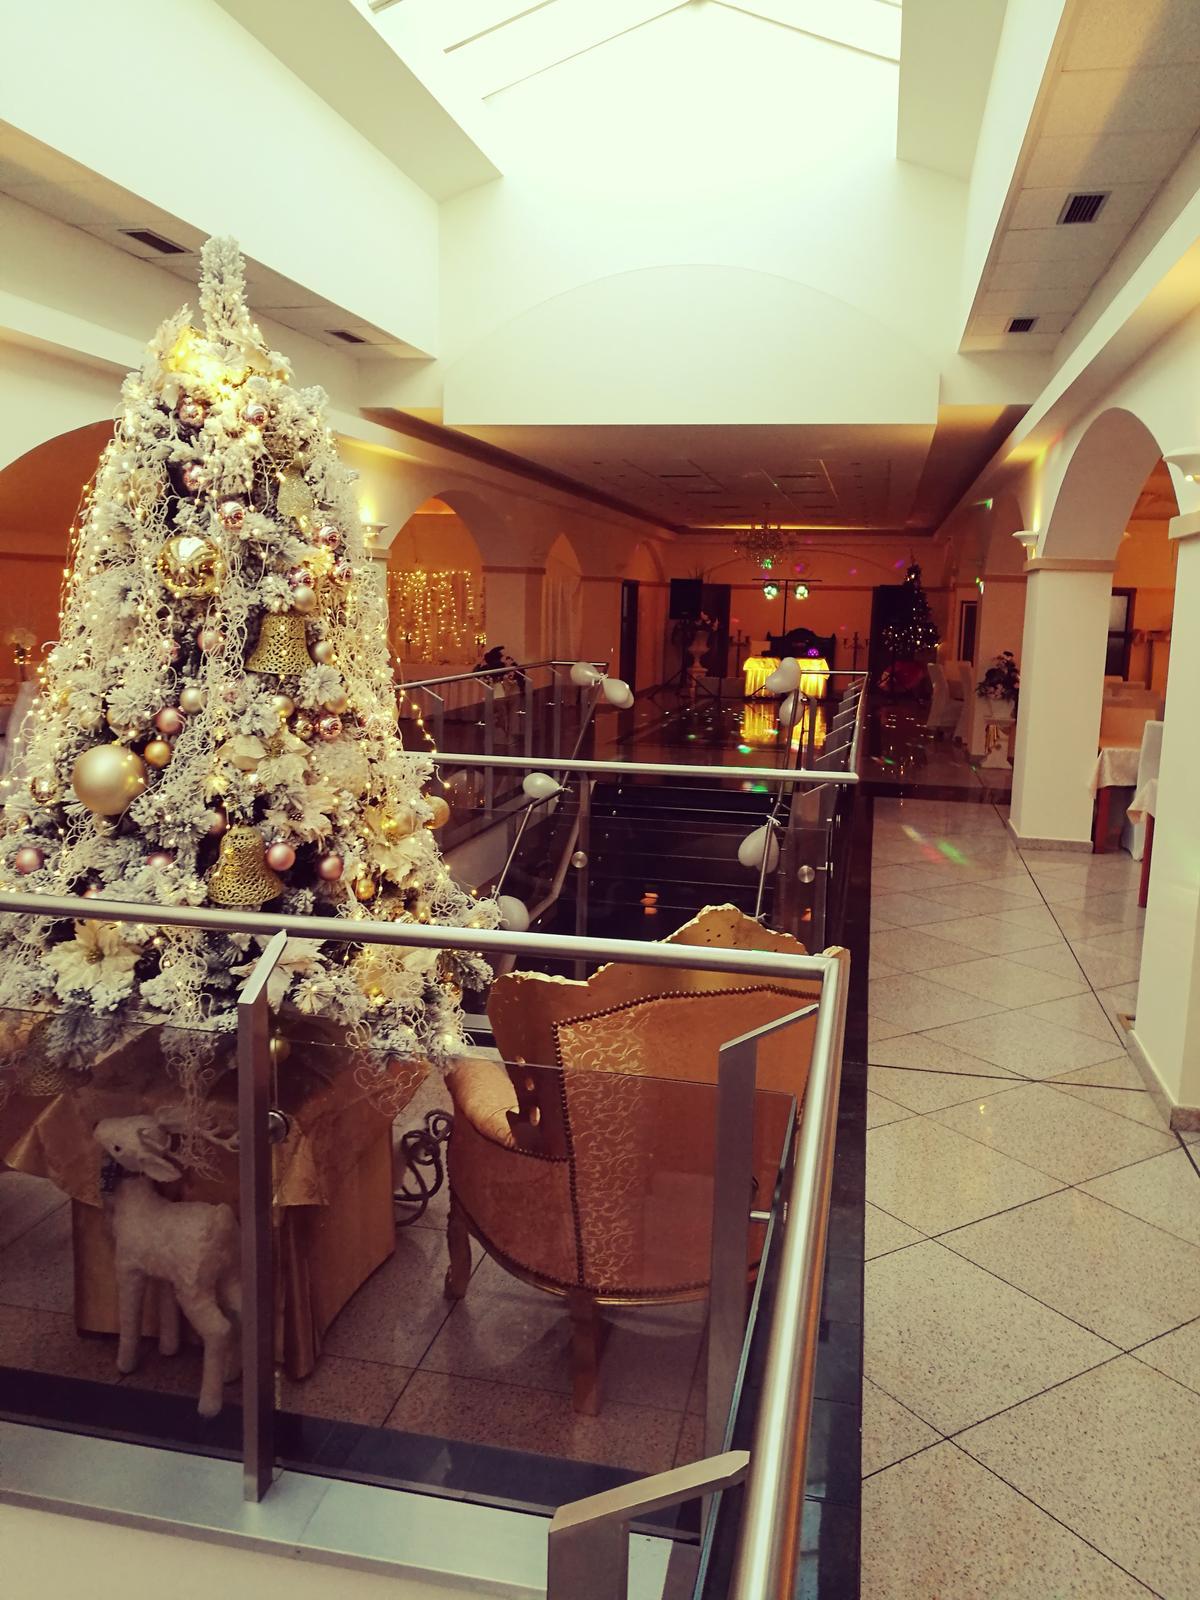 Hotel Max Plaza Trnava - Petra a Marcel, svadba s vianočnou atmosférou a výbornou zábavou - Hotel Max Plaza Trnava - Petra a Marcel, svadba s vianočnou atmosférou a výbornou zábavou